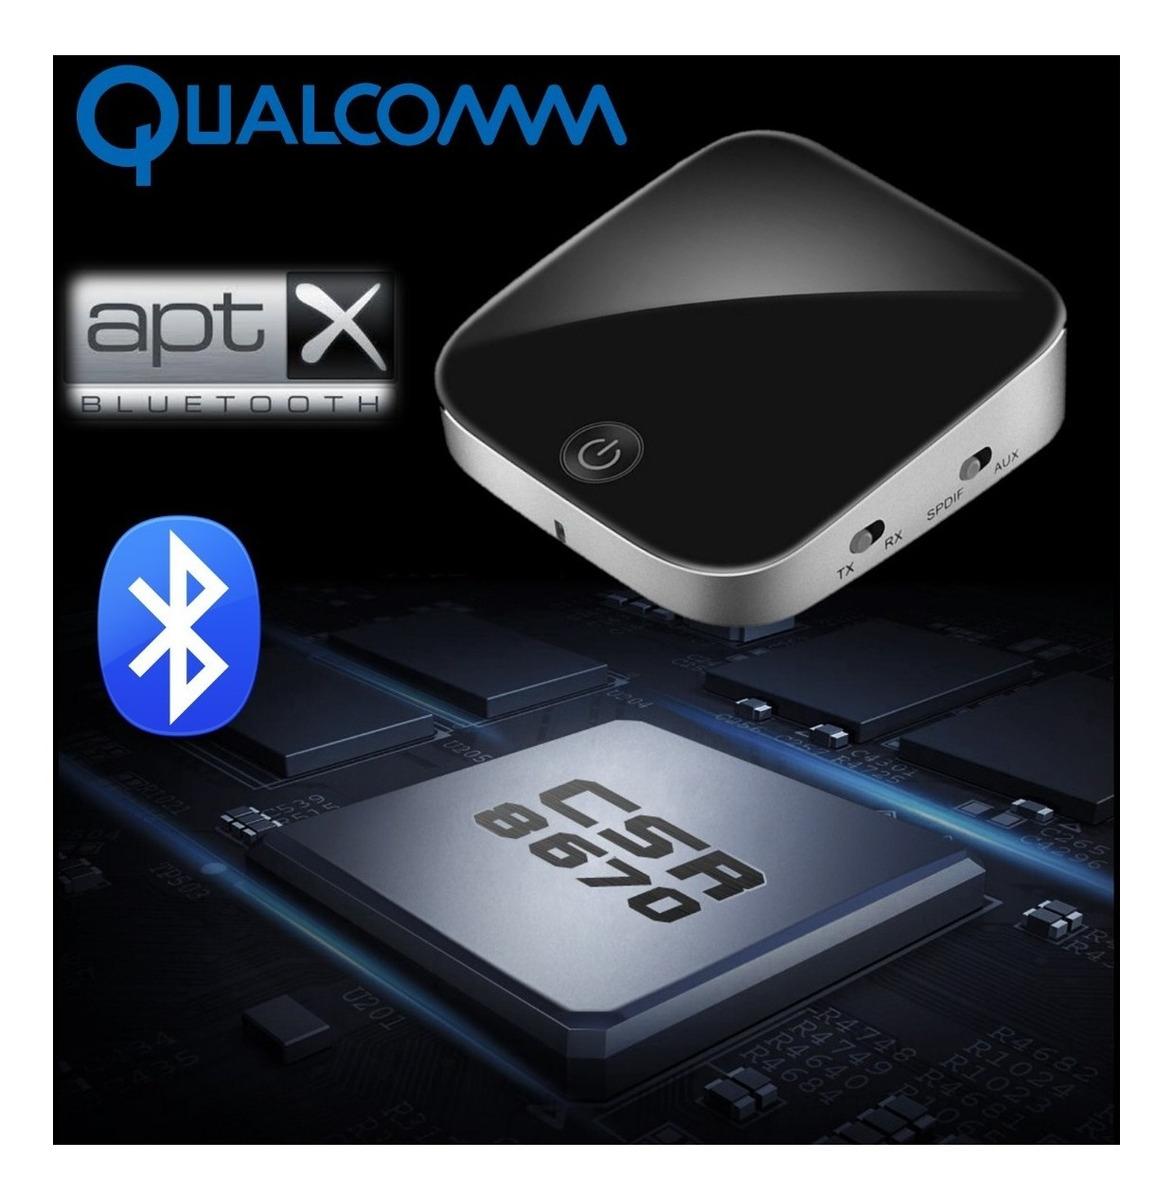 Bluetooth Transmissor Receptor Som Da Tv Para Caixa Fone Bluetooth Jbl Aptx  Low Latency Otico Toslink Spdif P2 Qualcomm